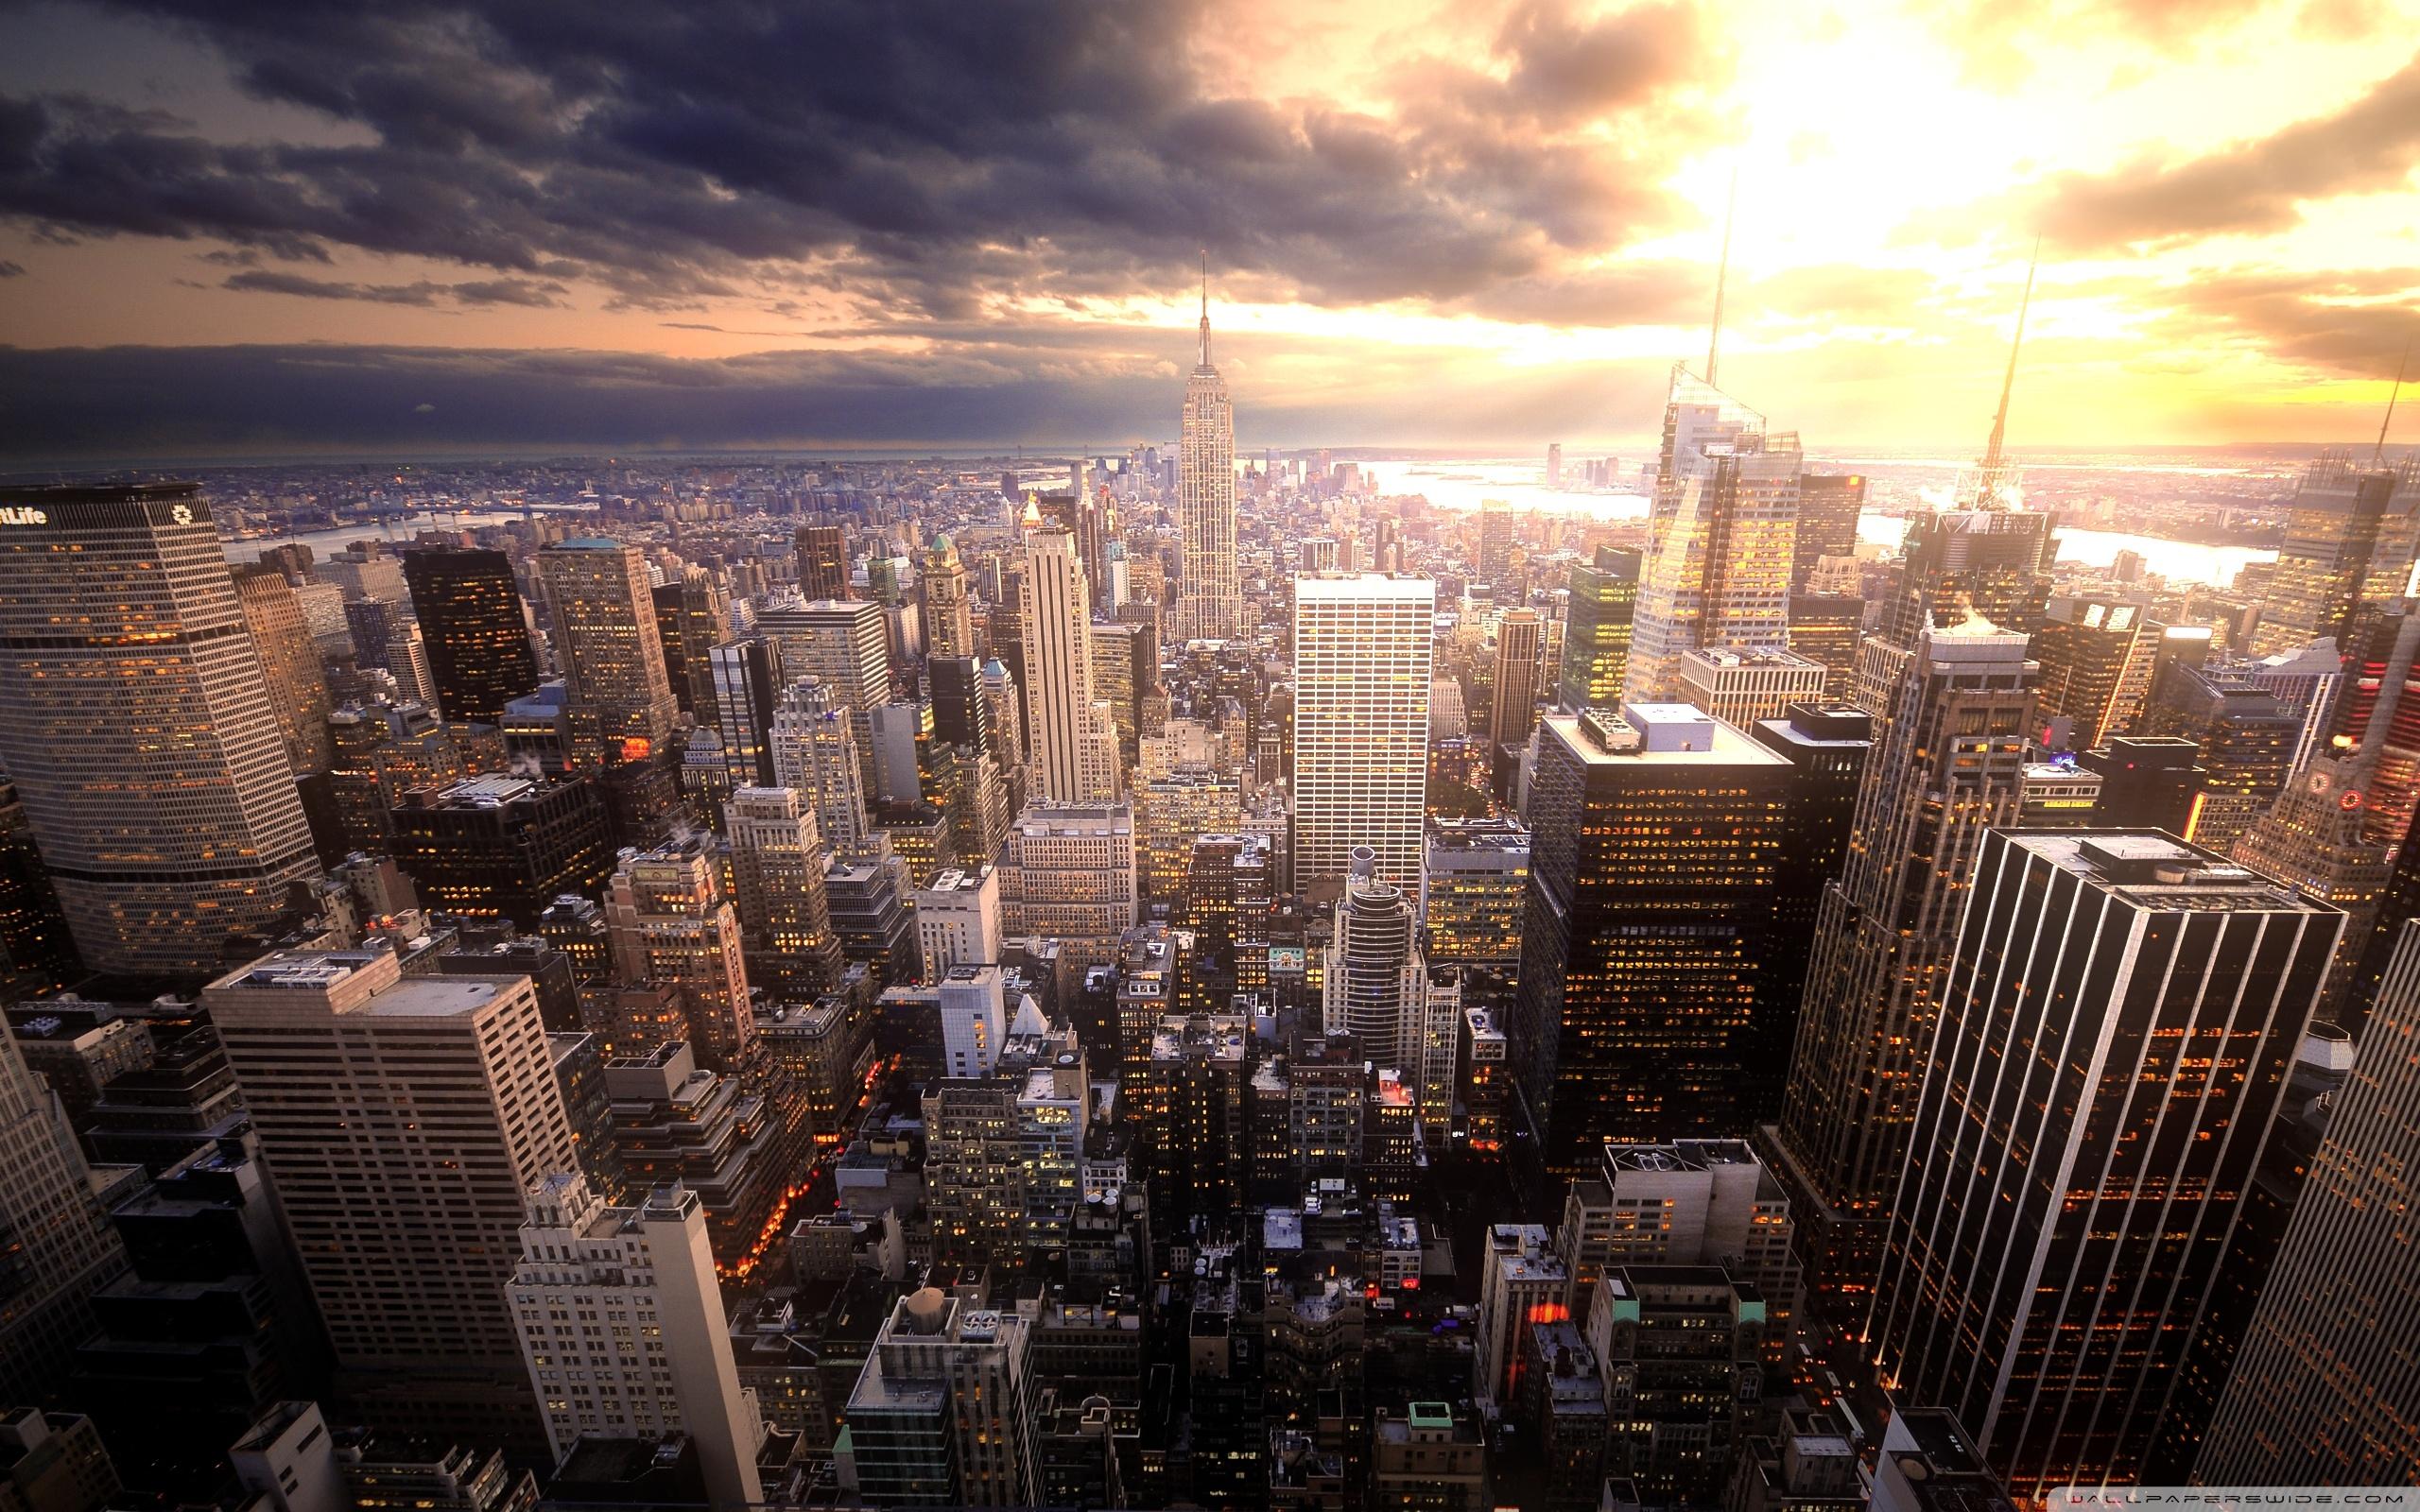 Manhattan ❤ 4k Hd Desktop Wallpaper For 4k Ultra Hd - New York City - HD Wallpaper